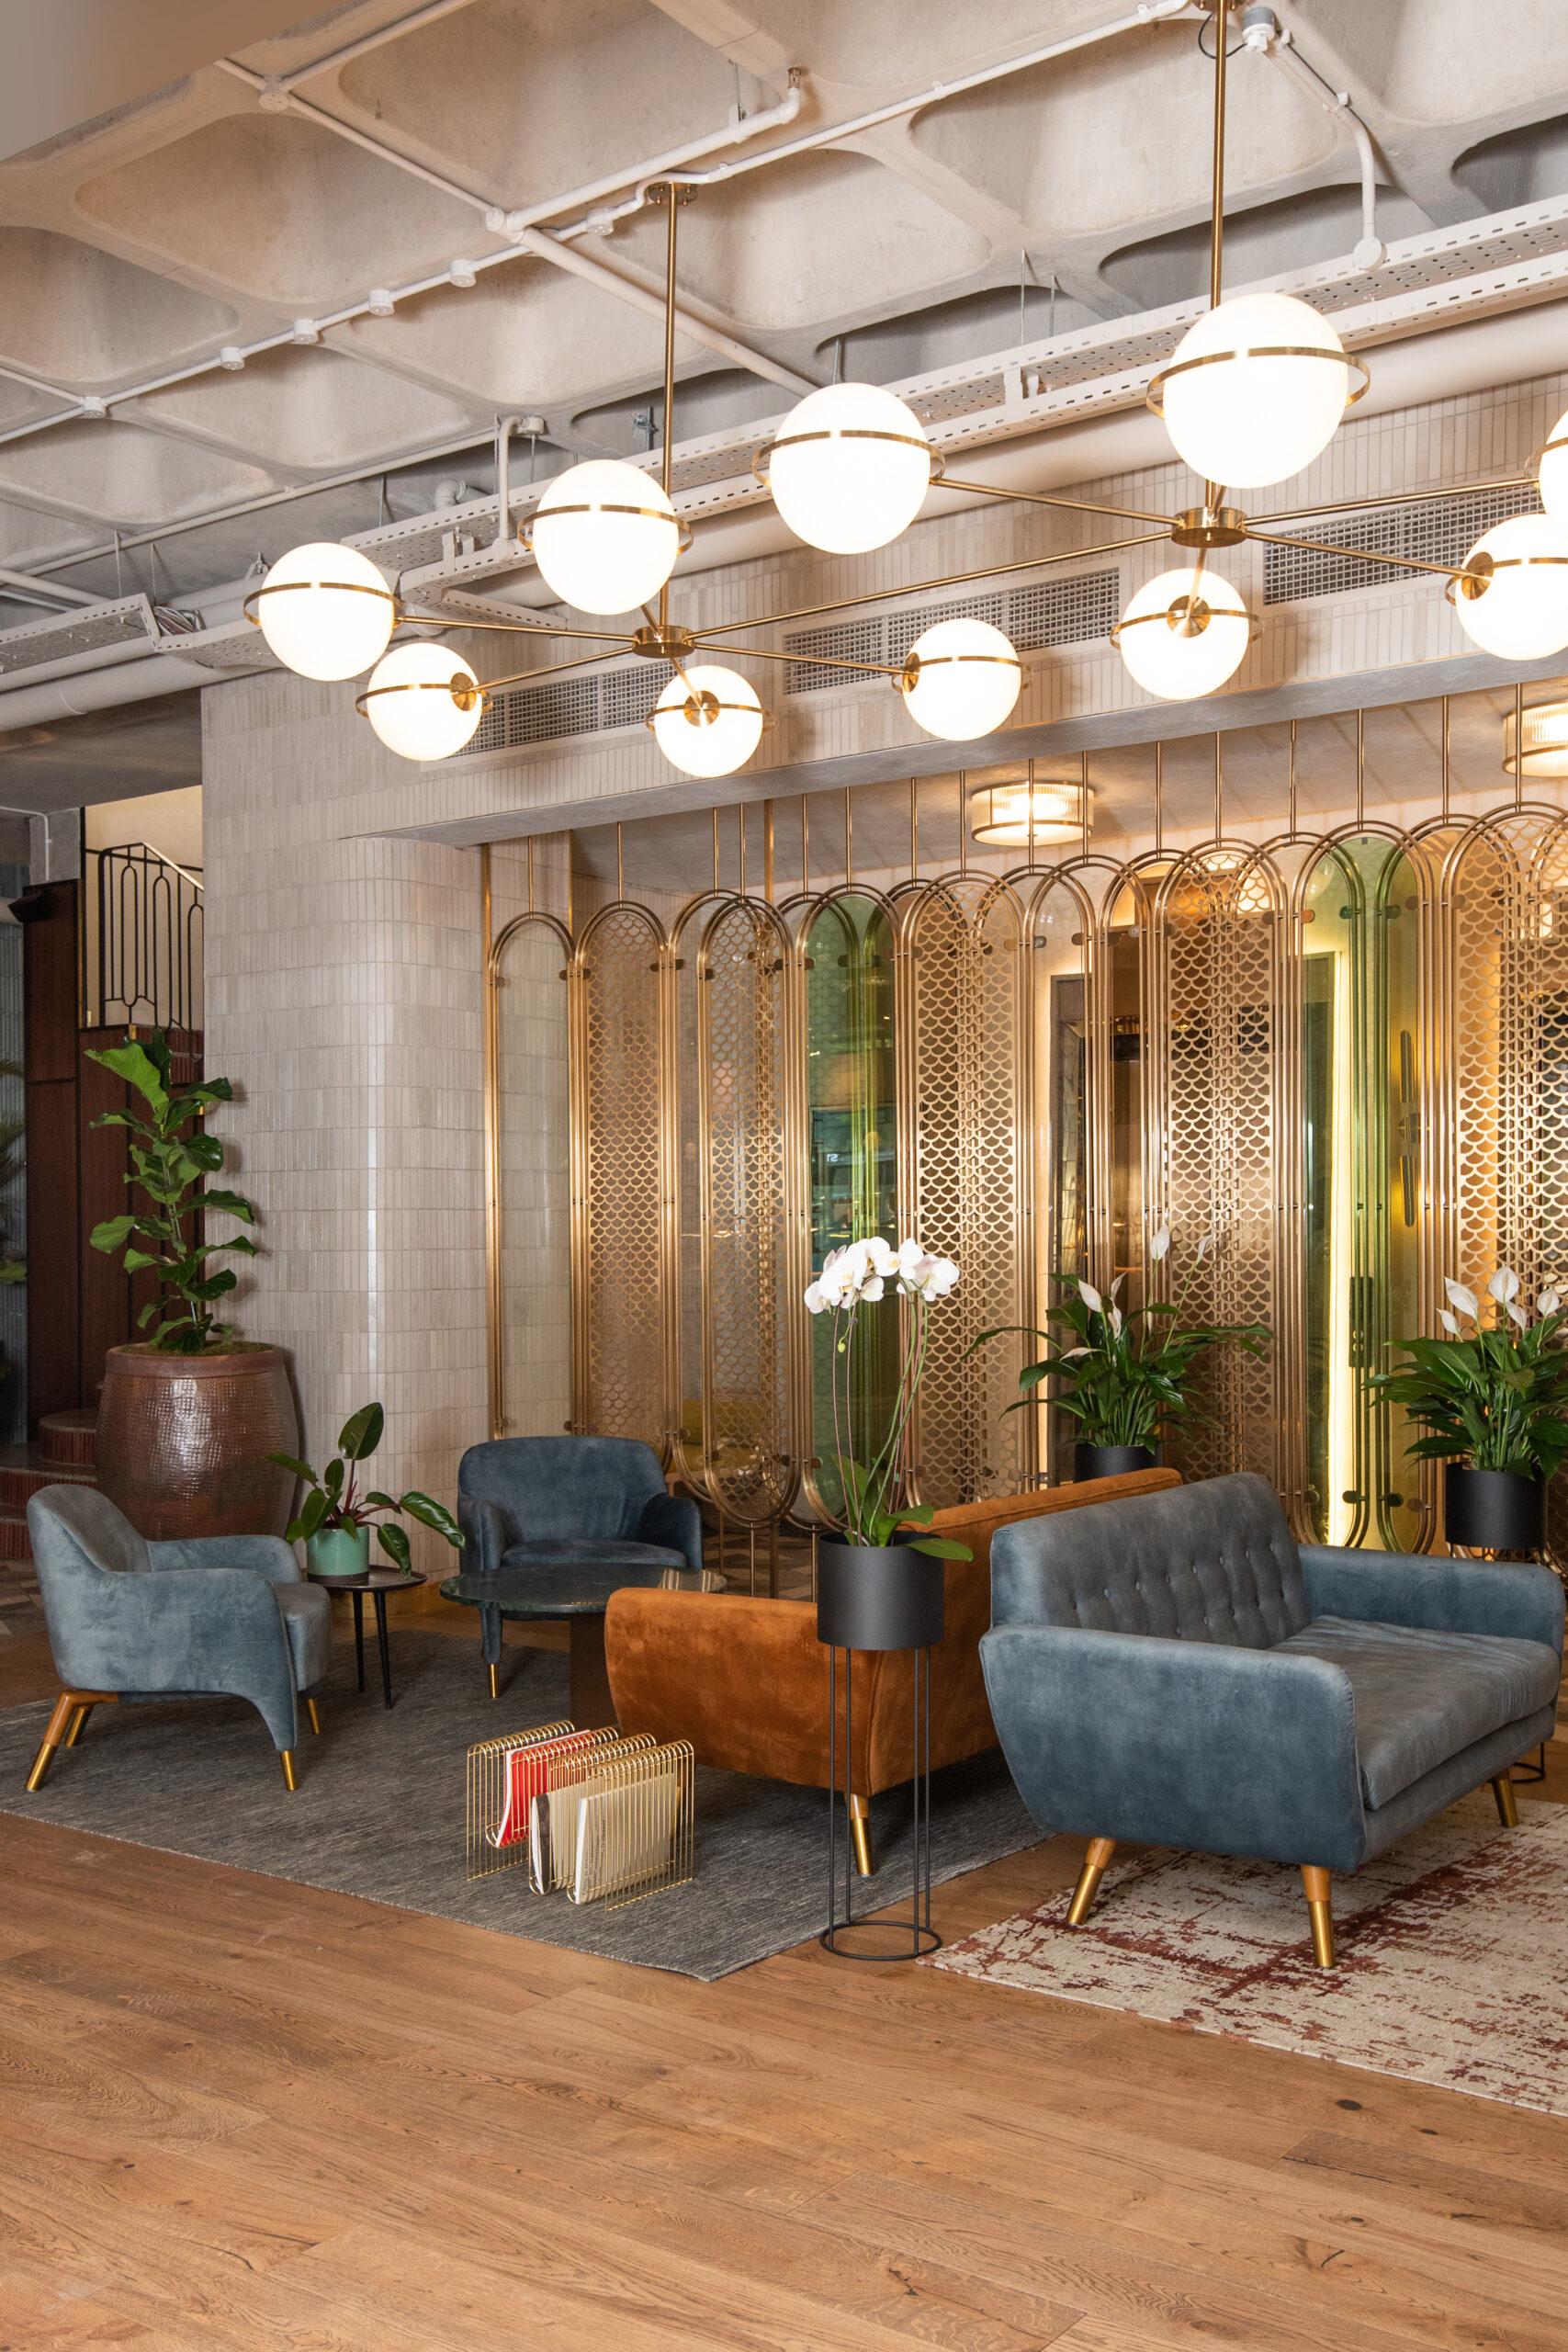 imbewu-design-the-bank-hotel-lobby-5